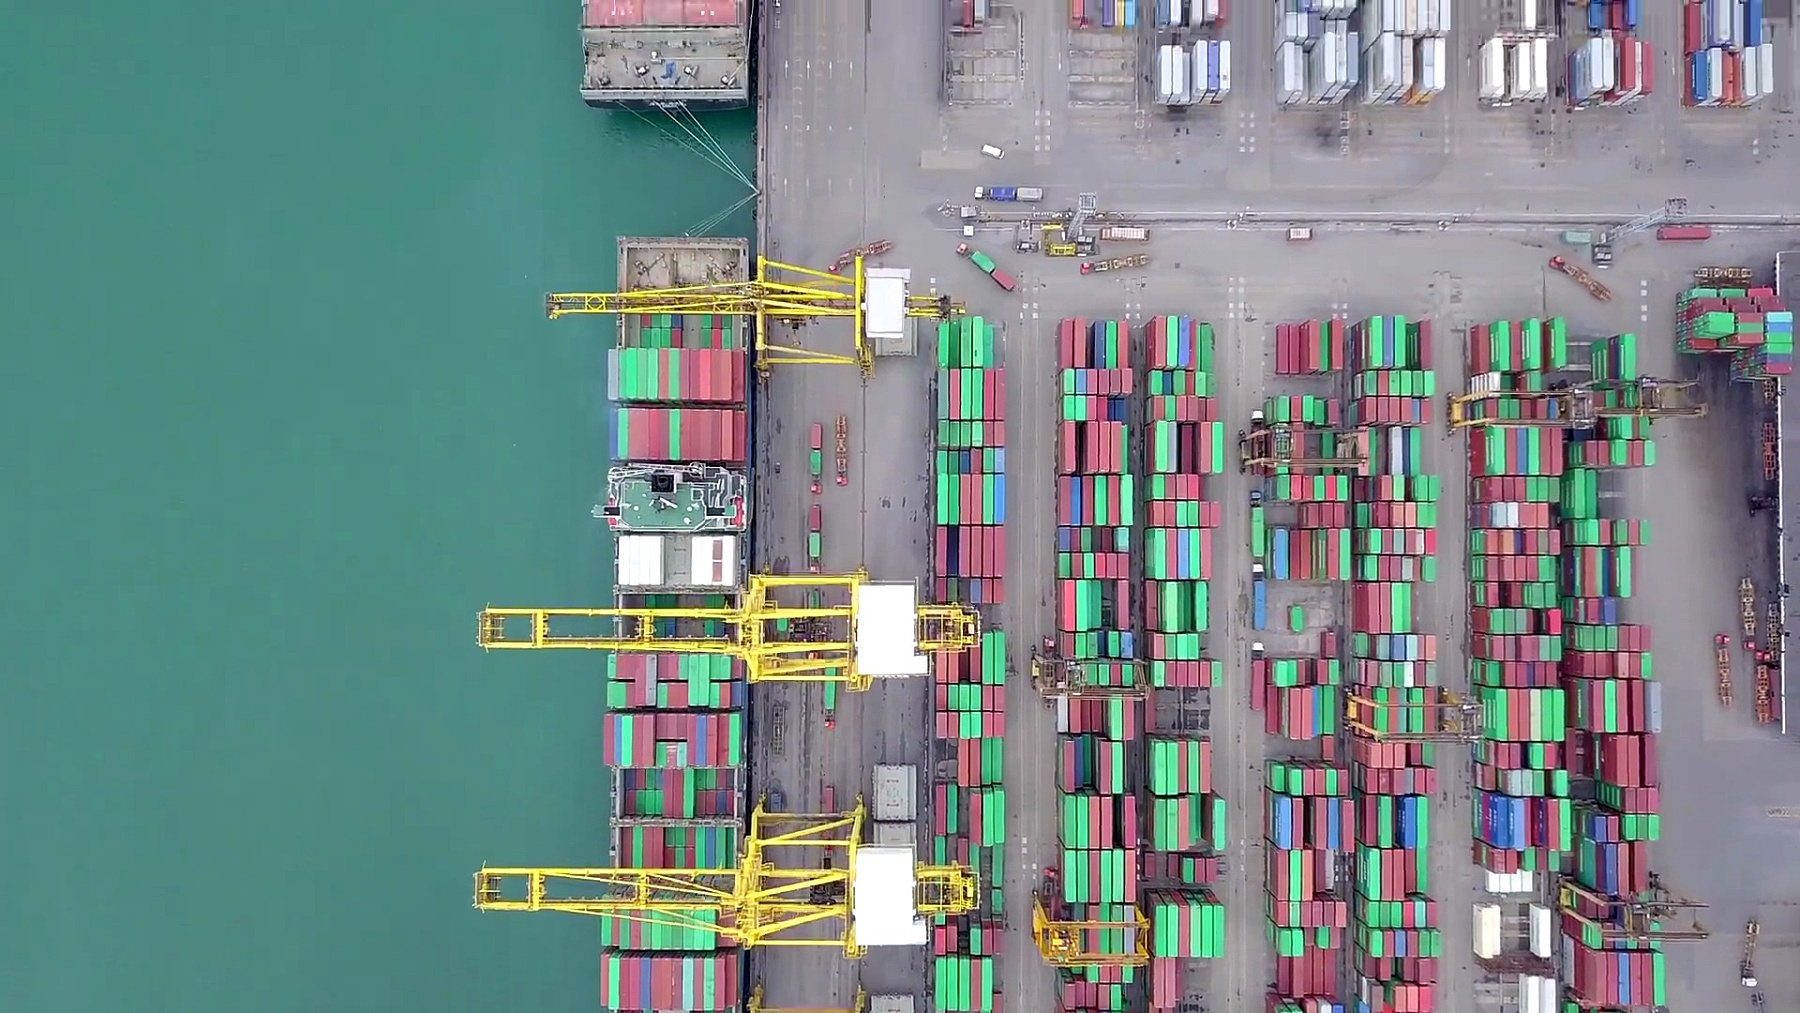 鸟瞰港口集装箱码头进出口集装箱船深水港商业物流